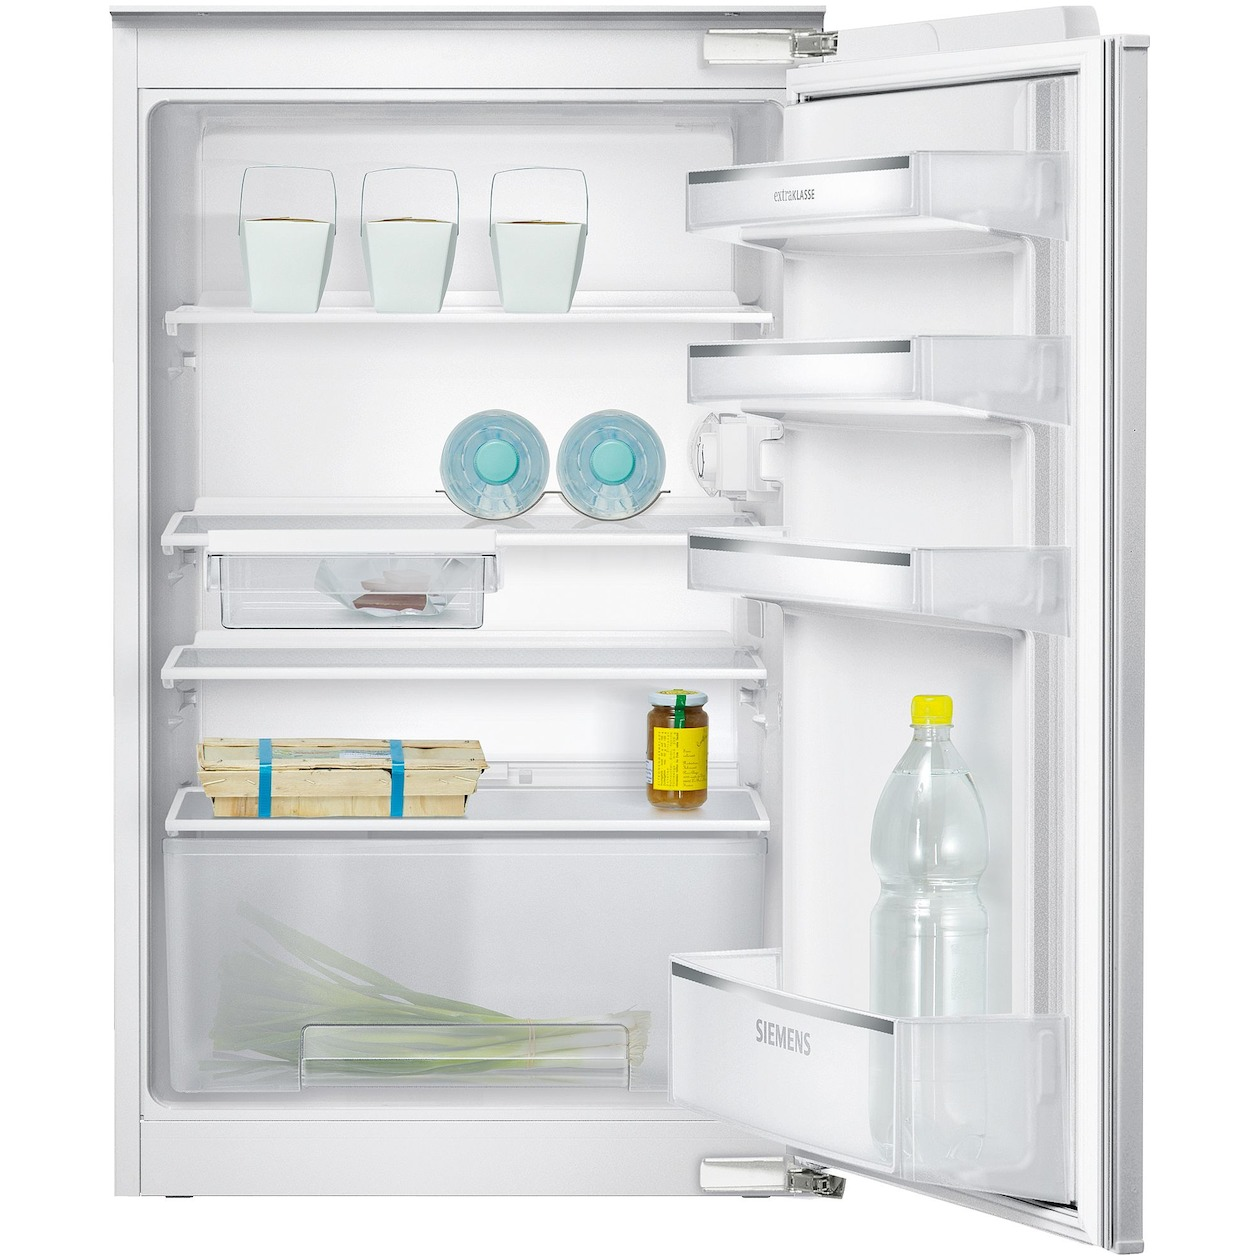 Siemens inbouw koelkast KI18RE61 - Prijsvergelijk